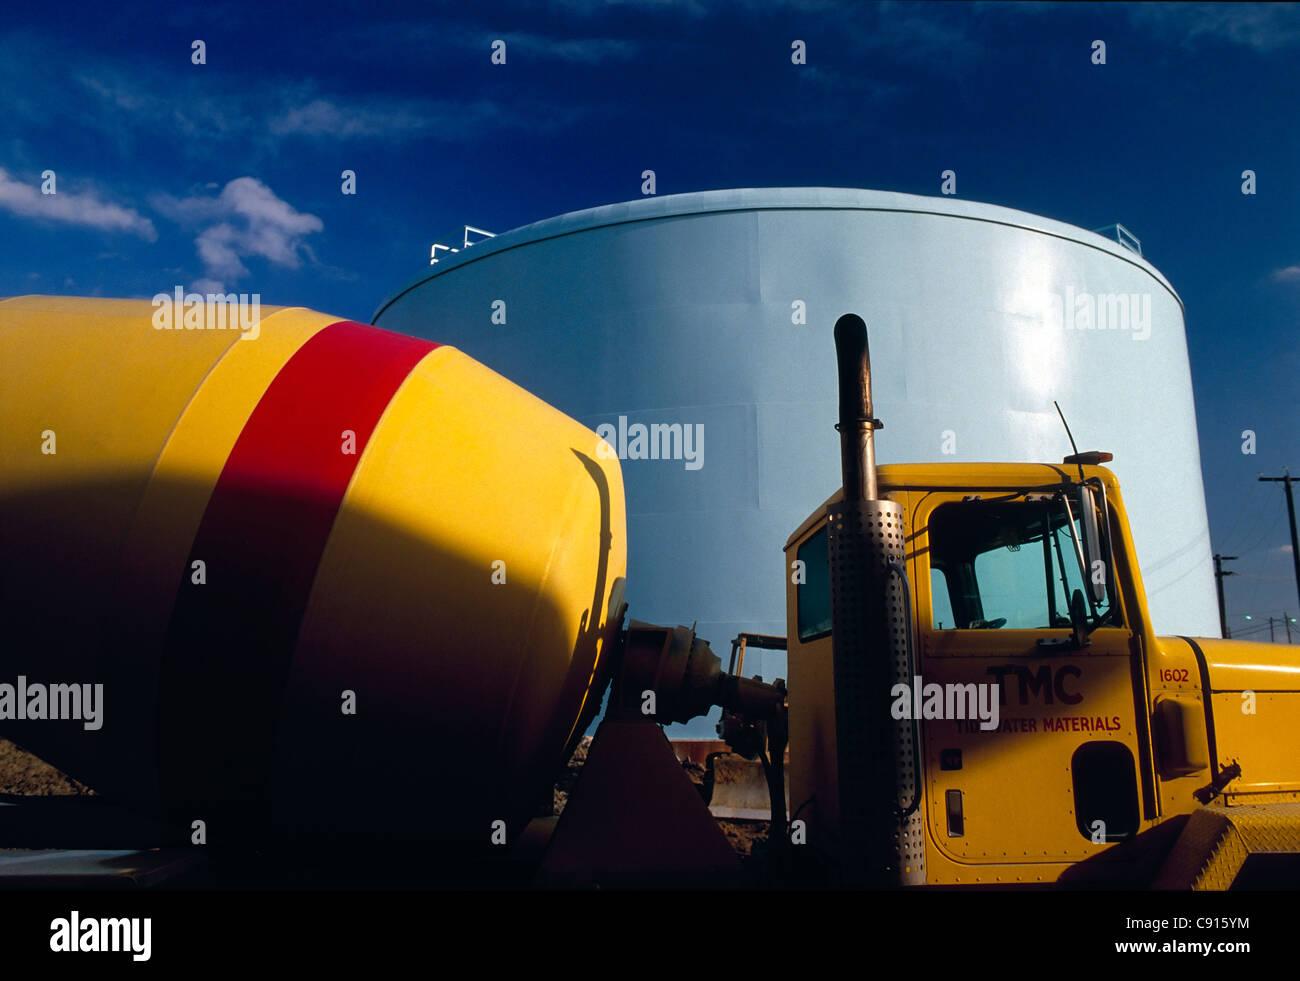 Gelbe Zement-LKW auf der Baustelle eine Wasseraufbereitungsanlage, Hopewell, Virginia, USA Stockbild